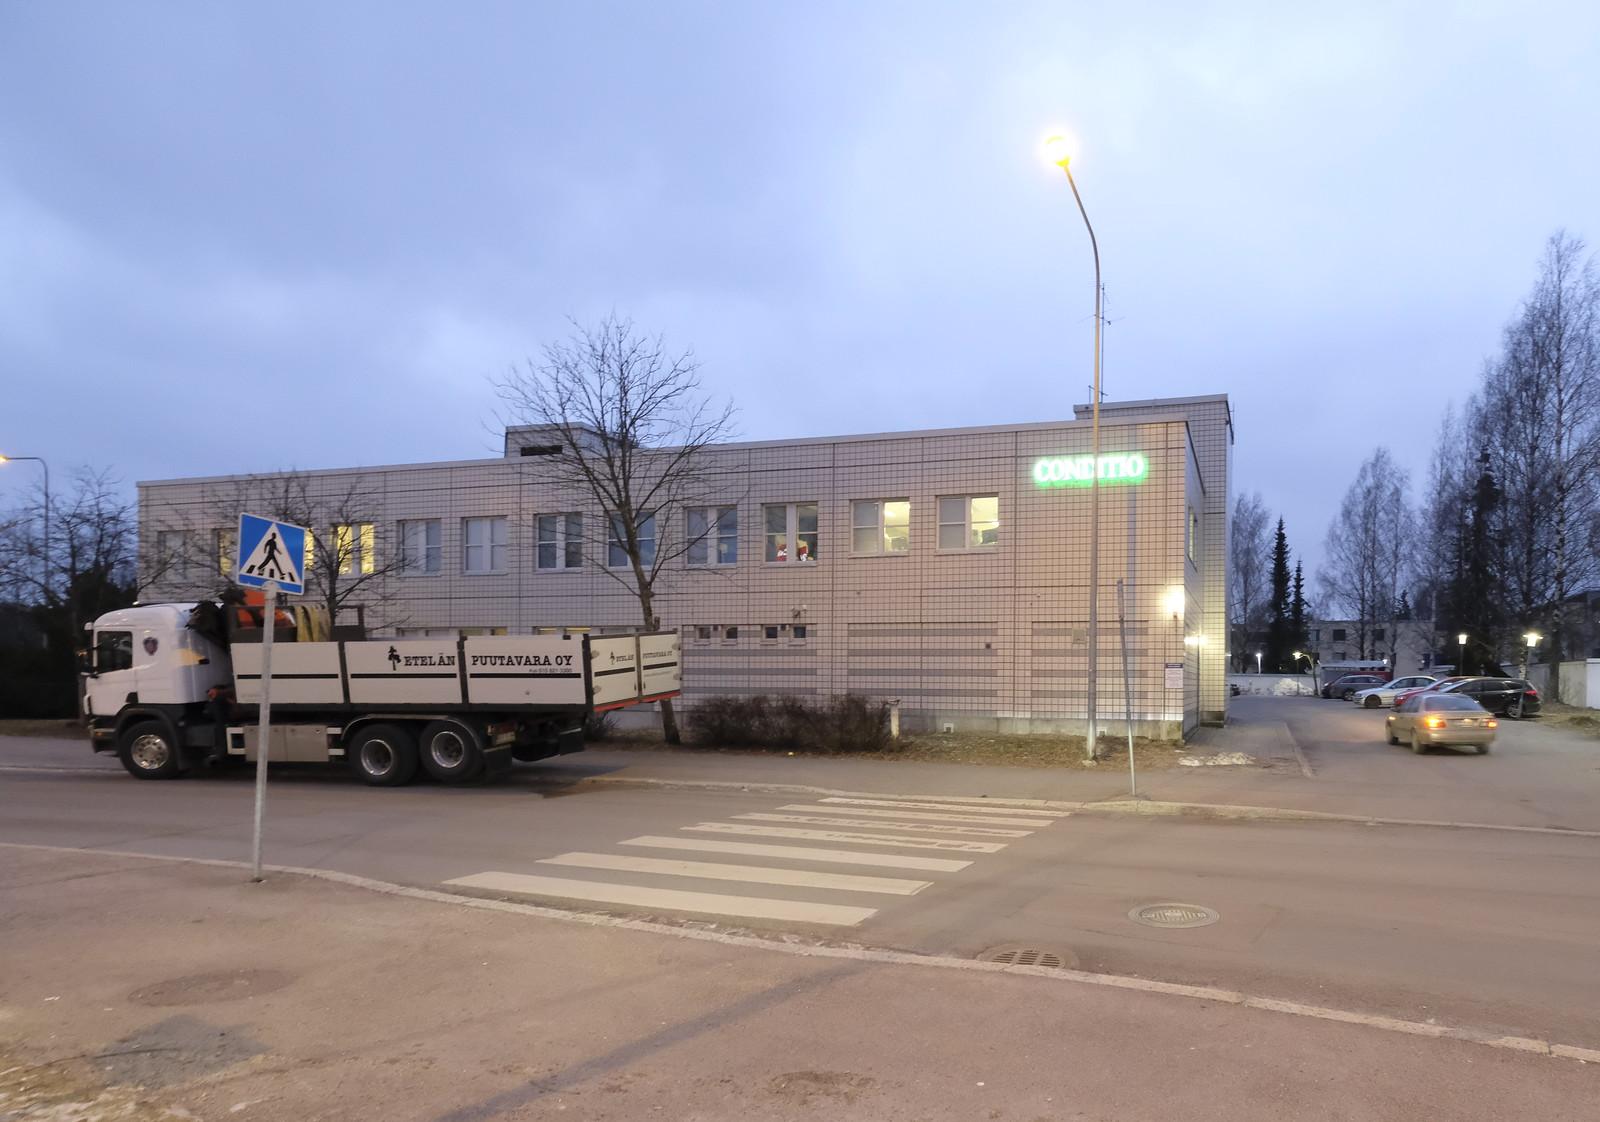 Toimitila, Ratavallintie 2, Pukinmäki, Helsinki